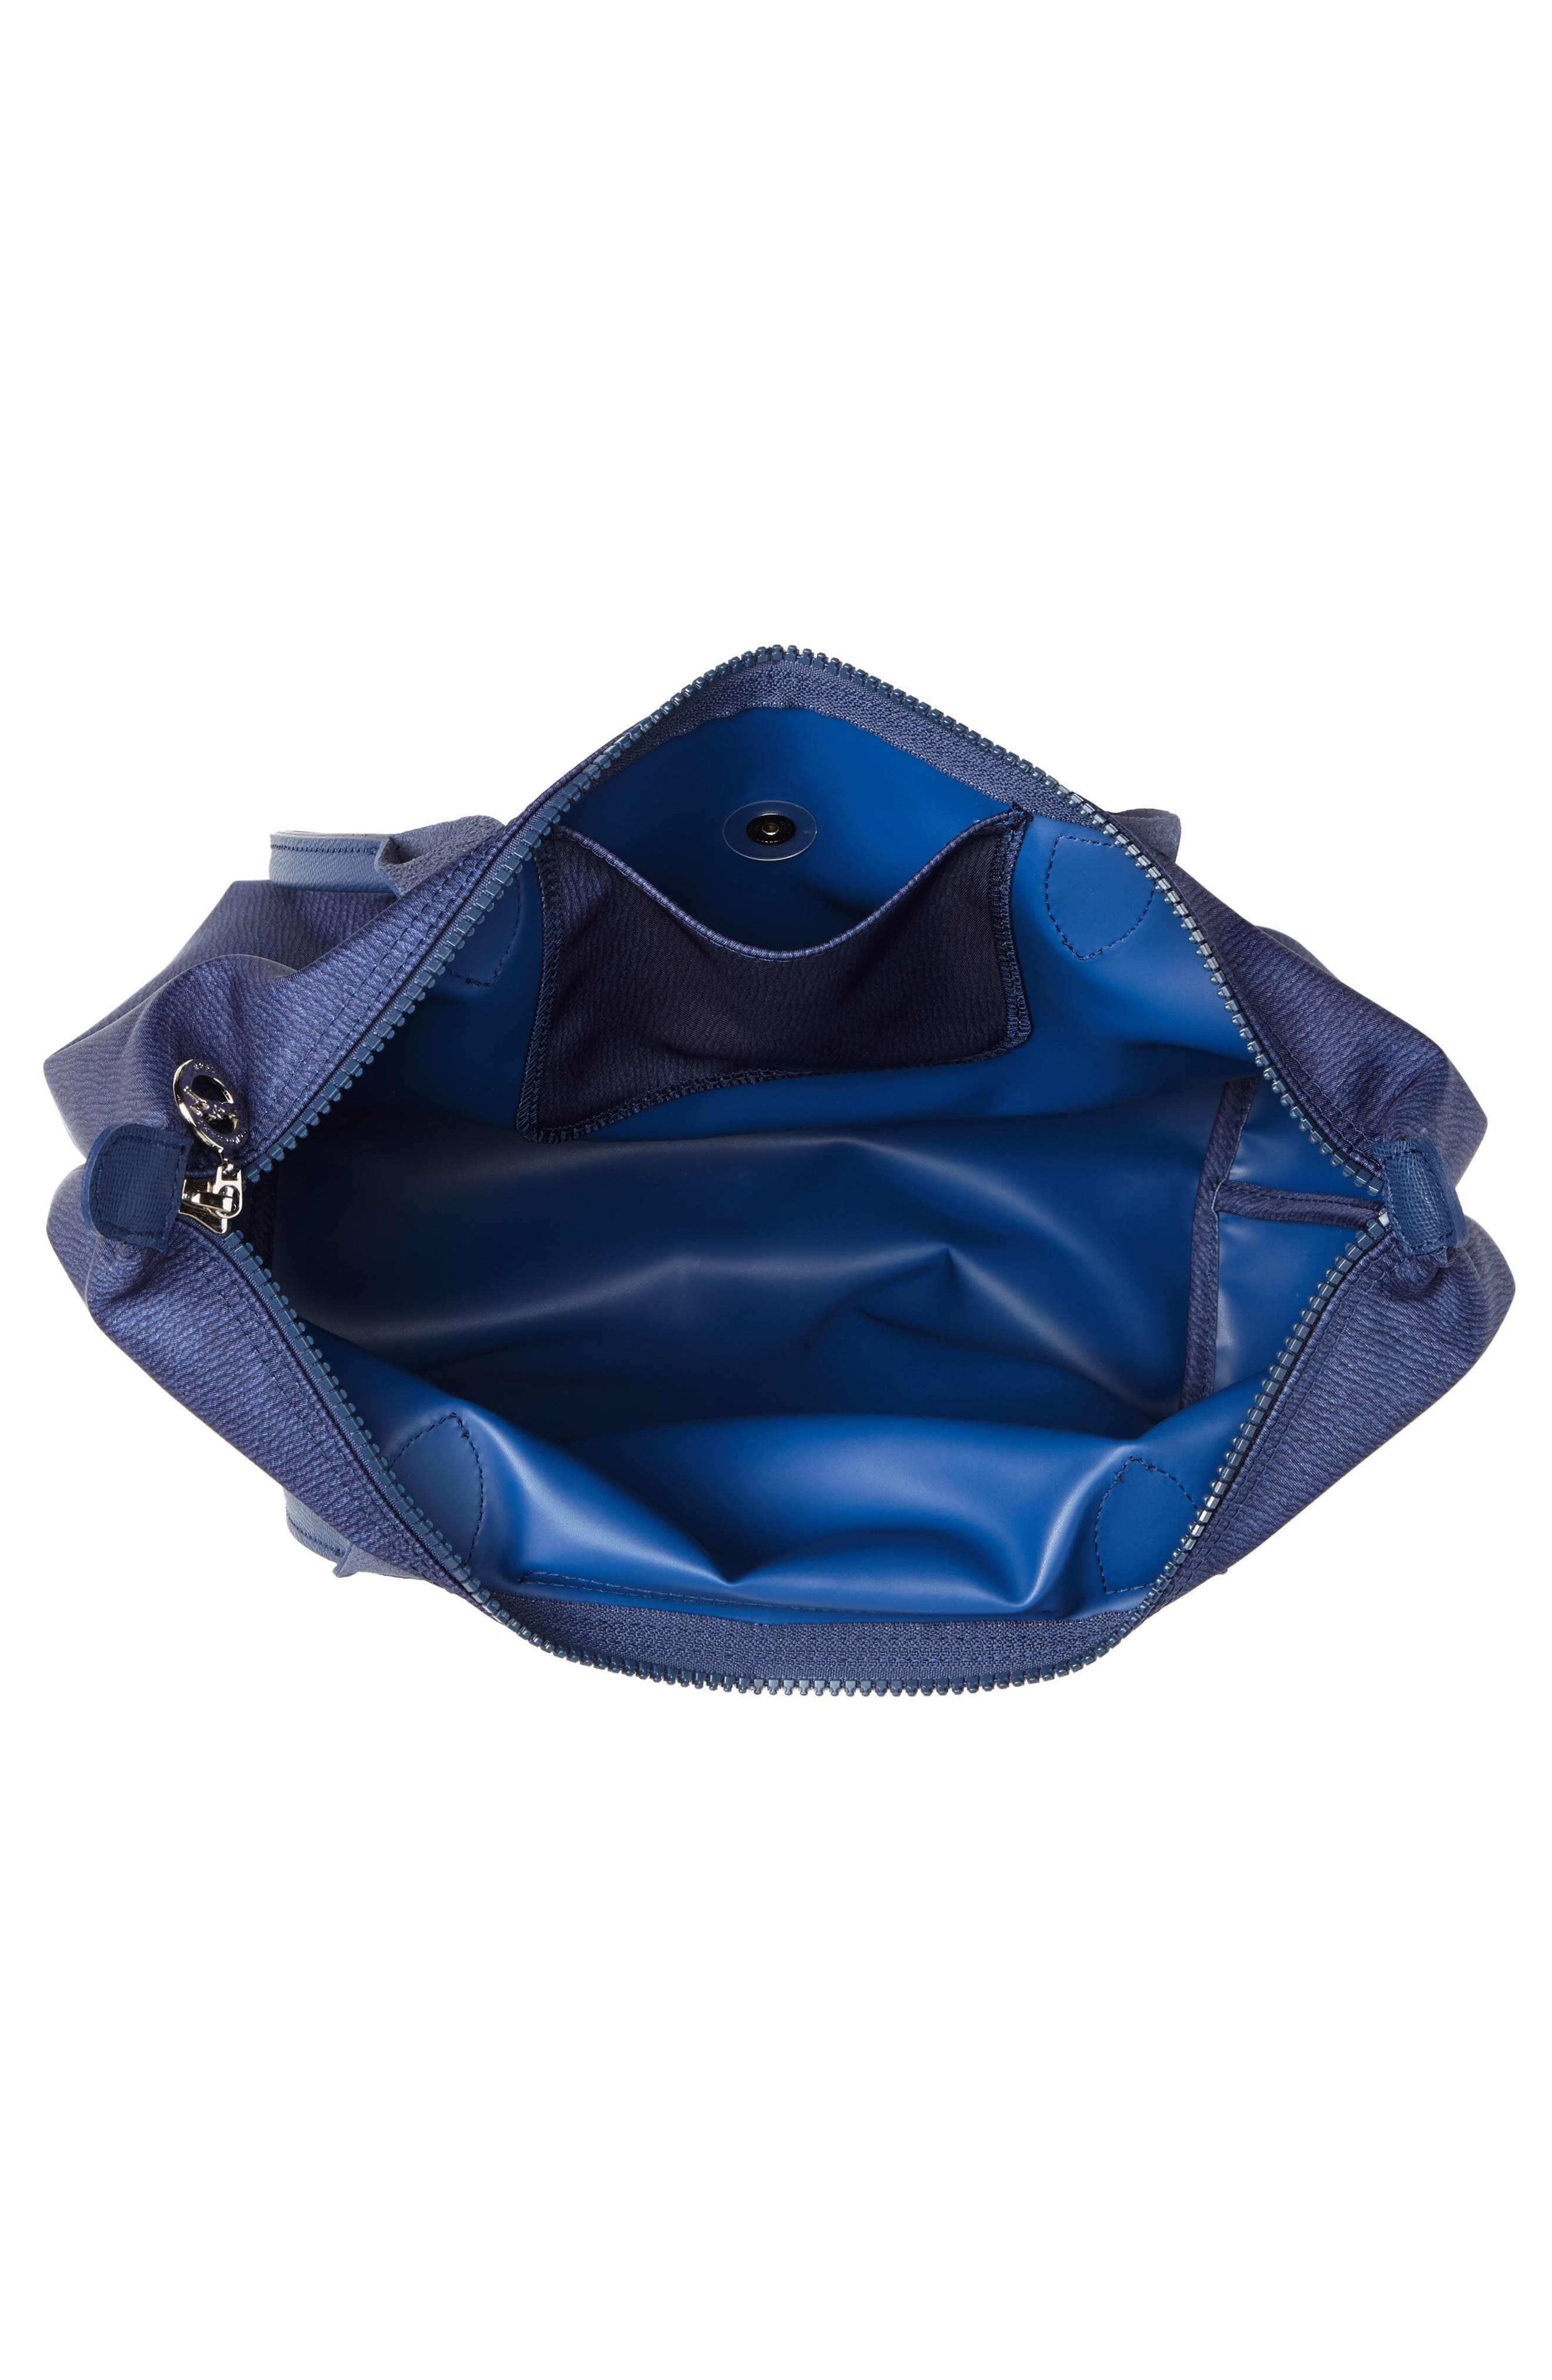 Le Pliage Jeans Small Shoulder Bag,                             Alternate thumbnail 4, color,                             DENIM